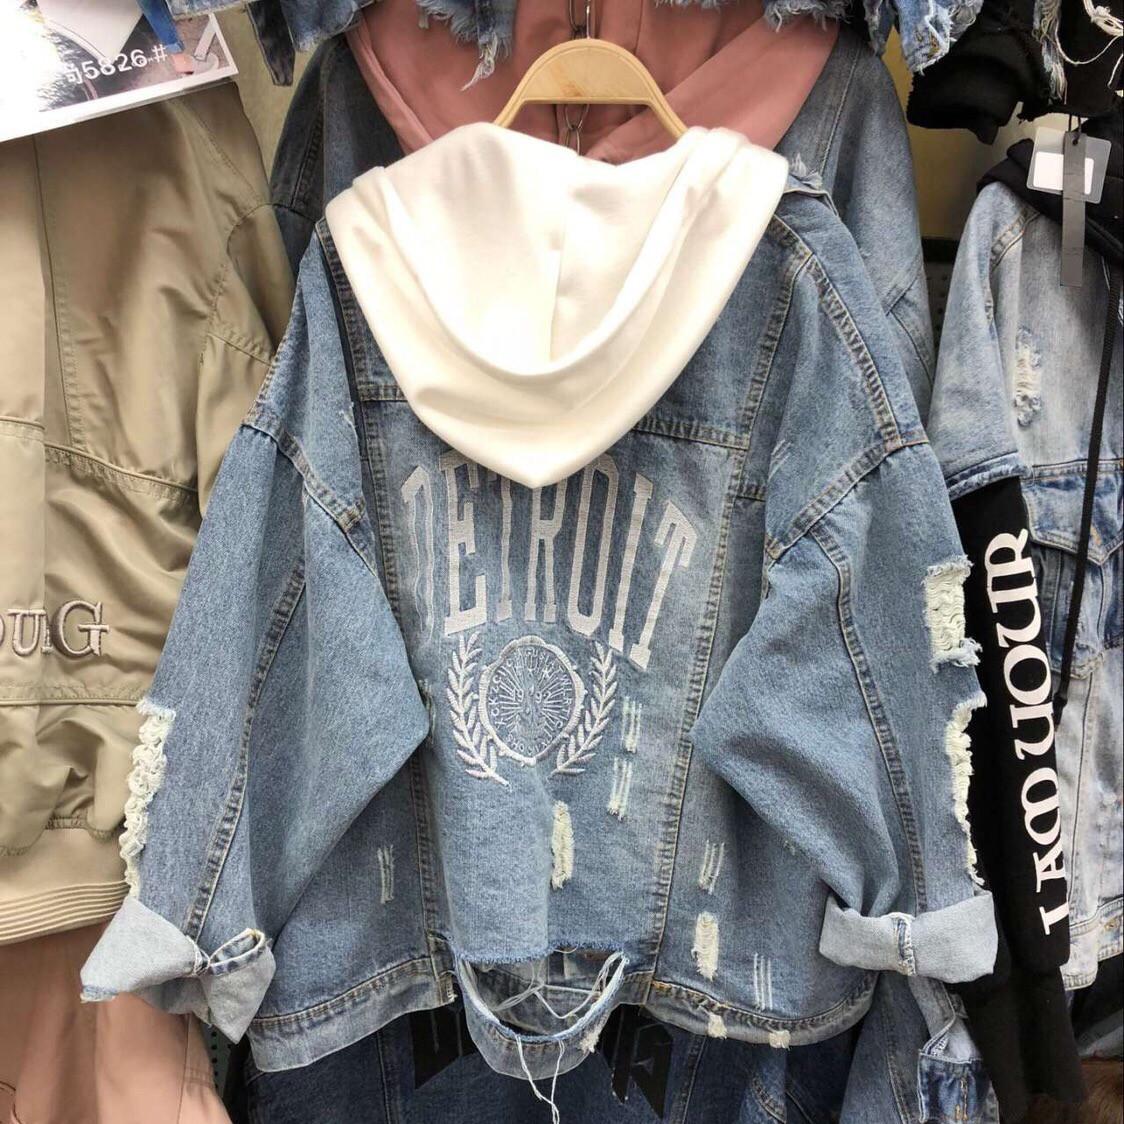 Женская джинсовая куртка с капюшоном и рисунком на спине 68kur124